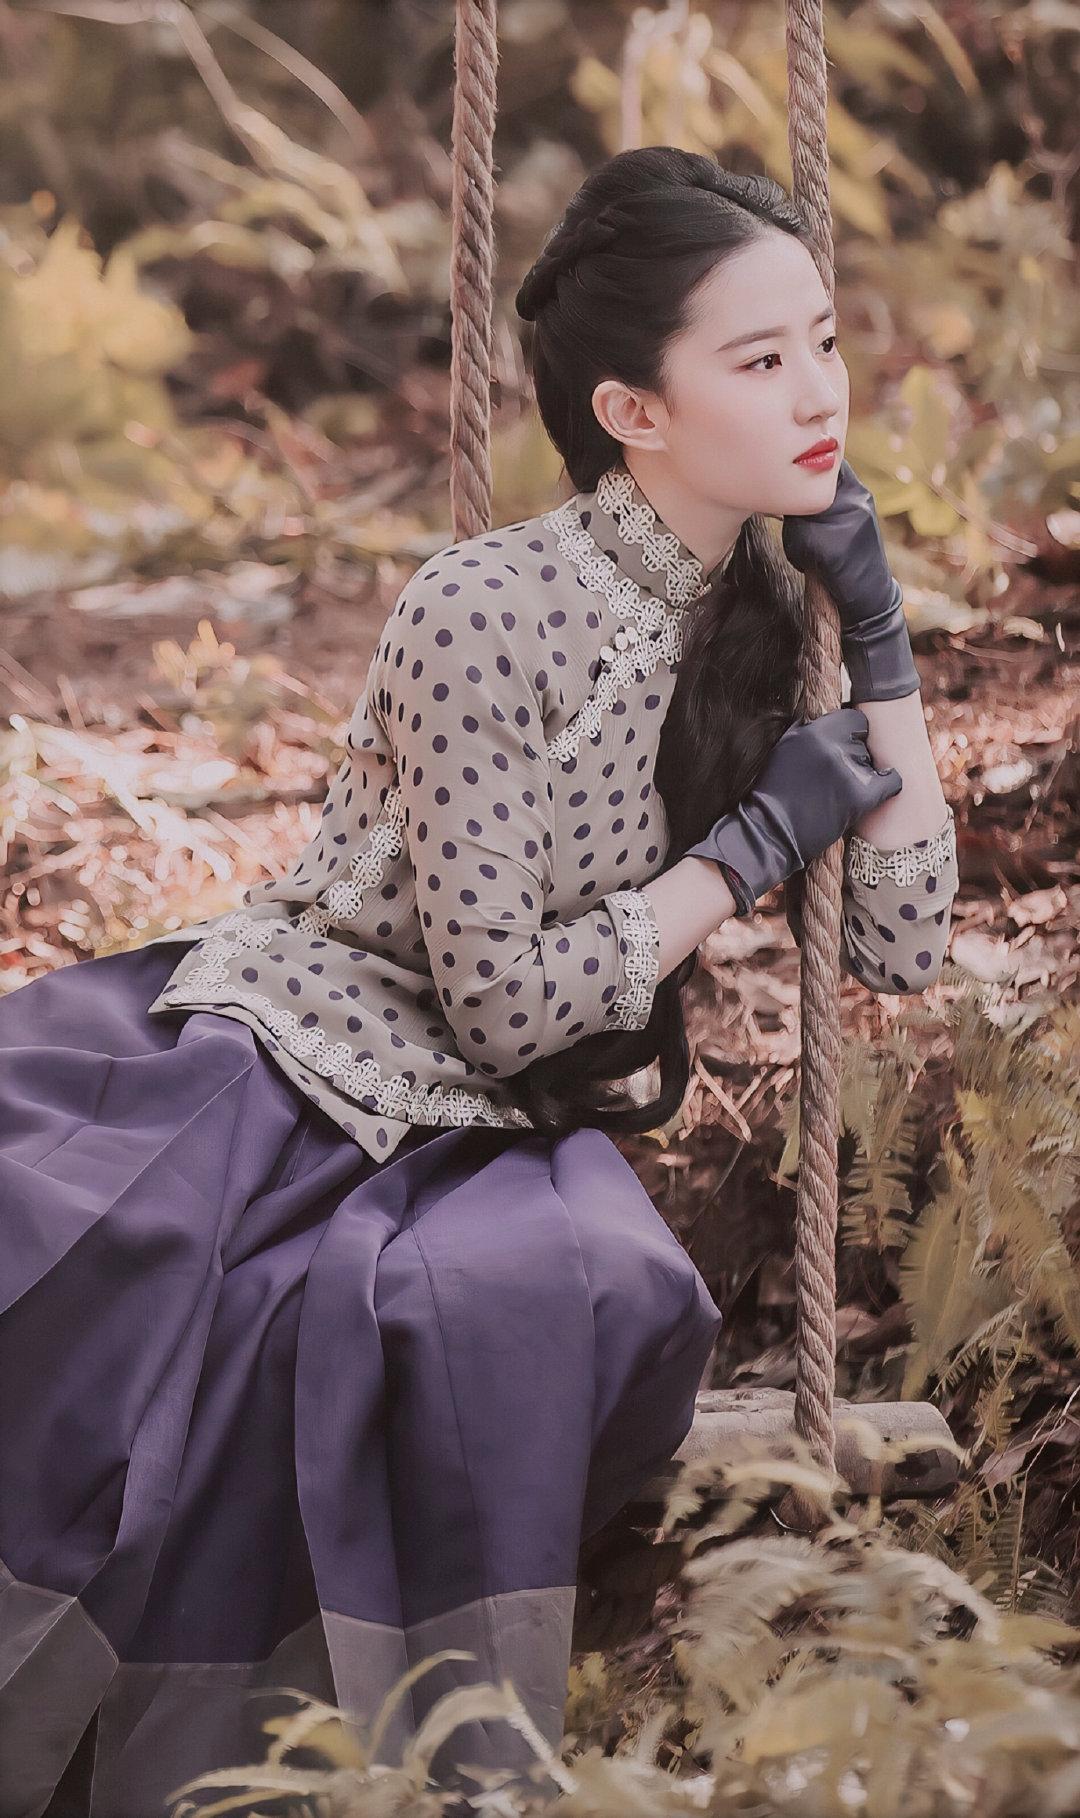 《南烟斋笔录》再公布新剧照,刘亦菲新造型神秘馥郁更加美了